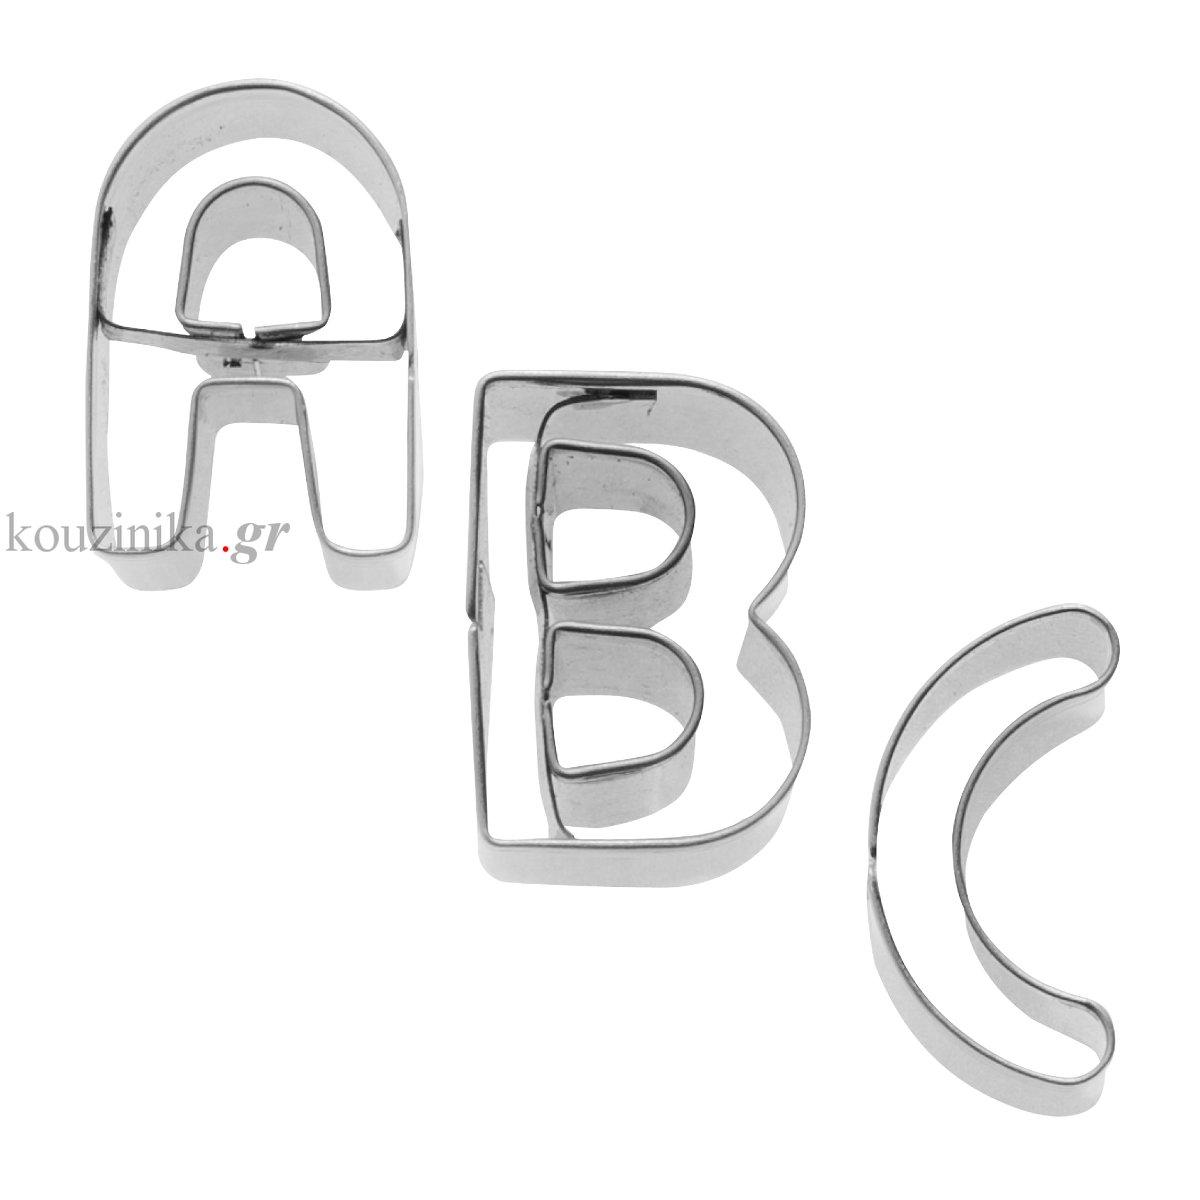 Κουπάτ ανοξείδωτα γράμματα A-Z